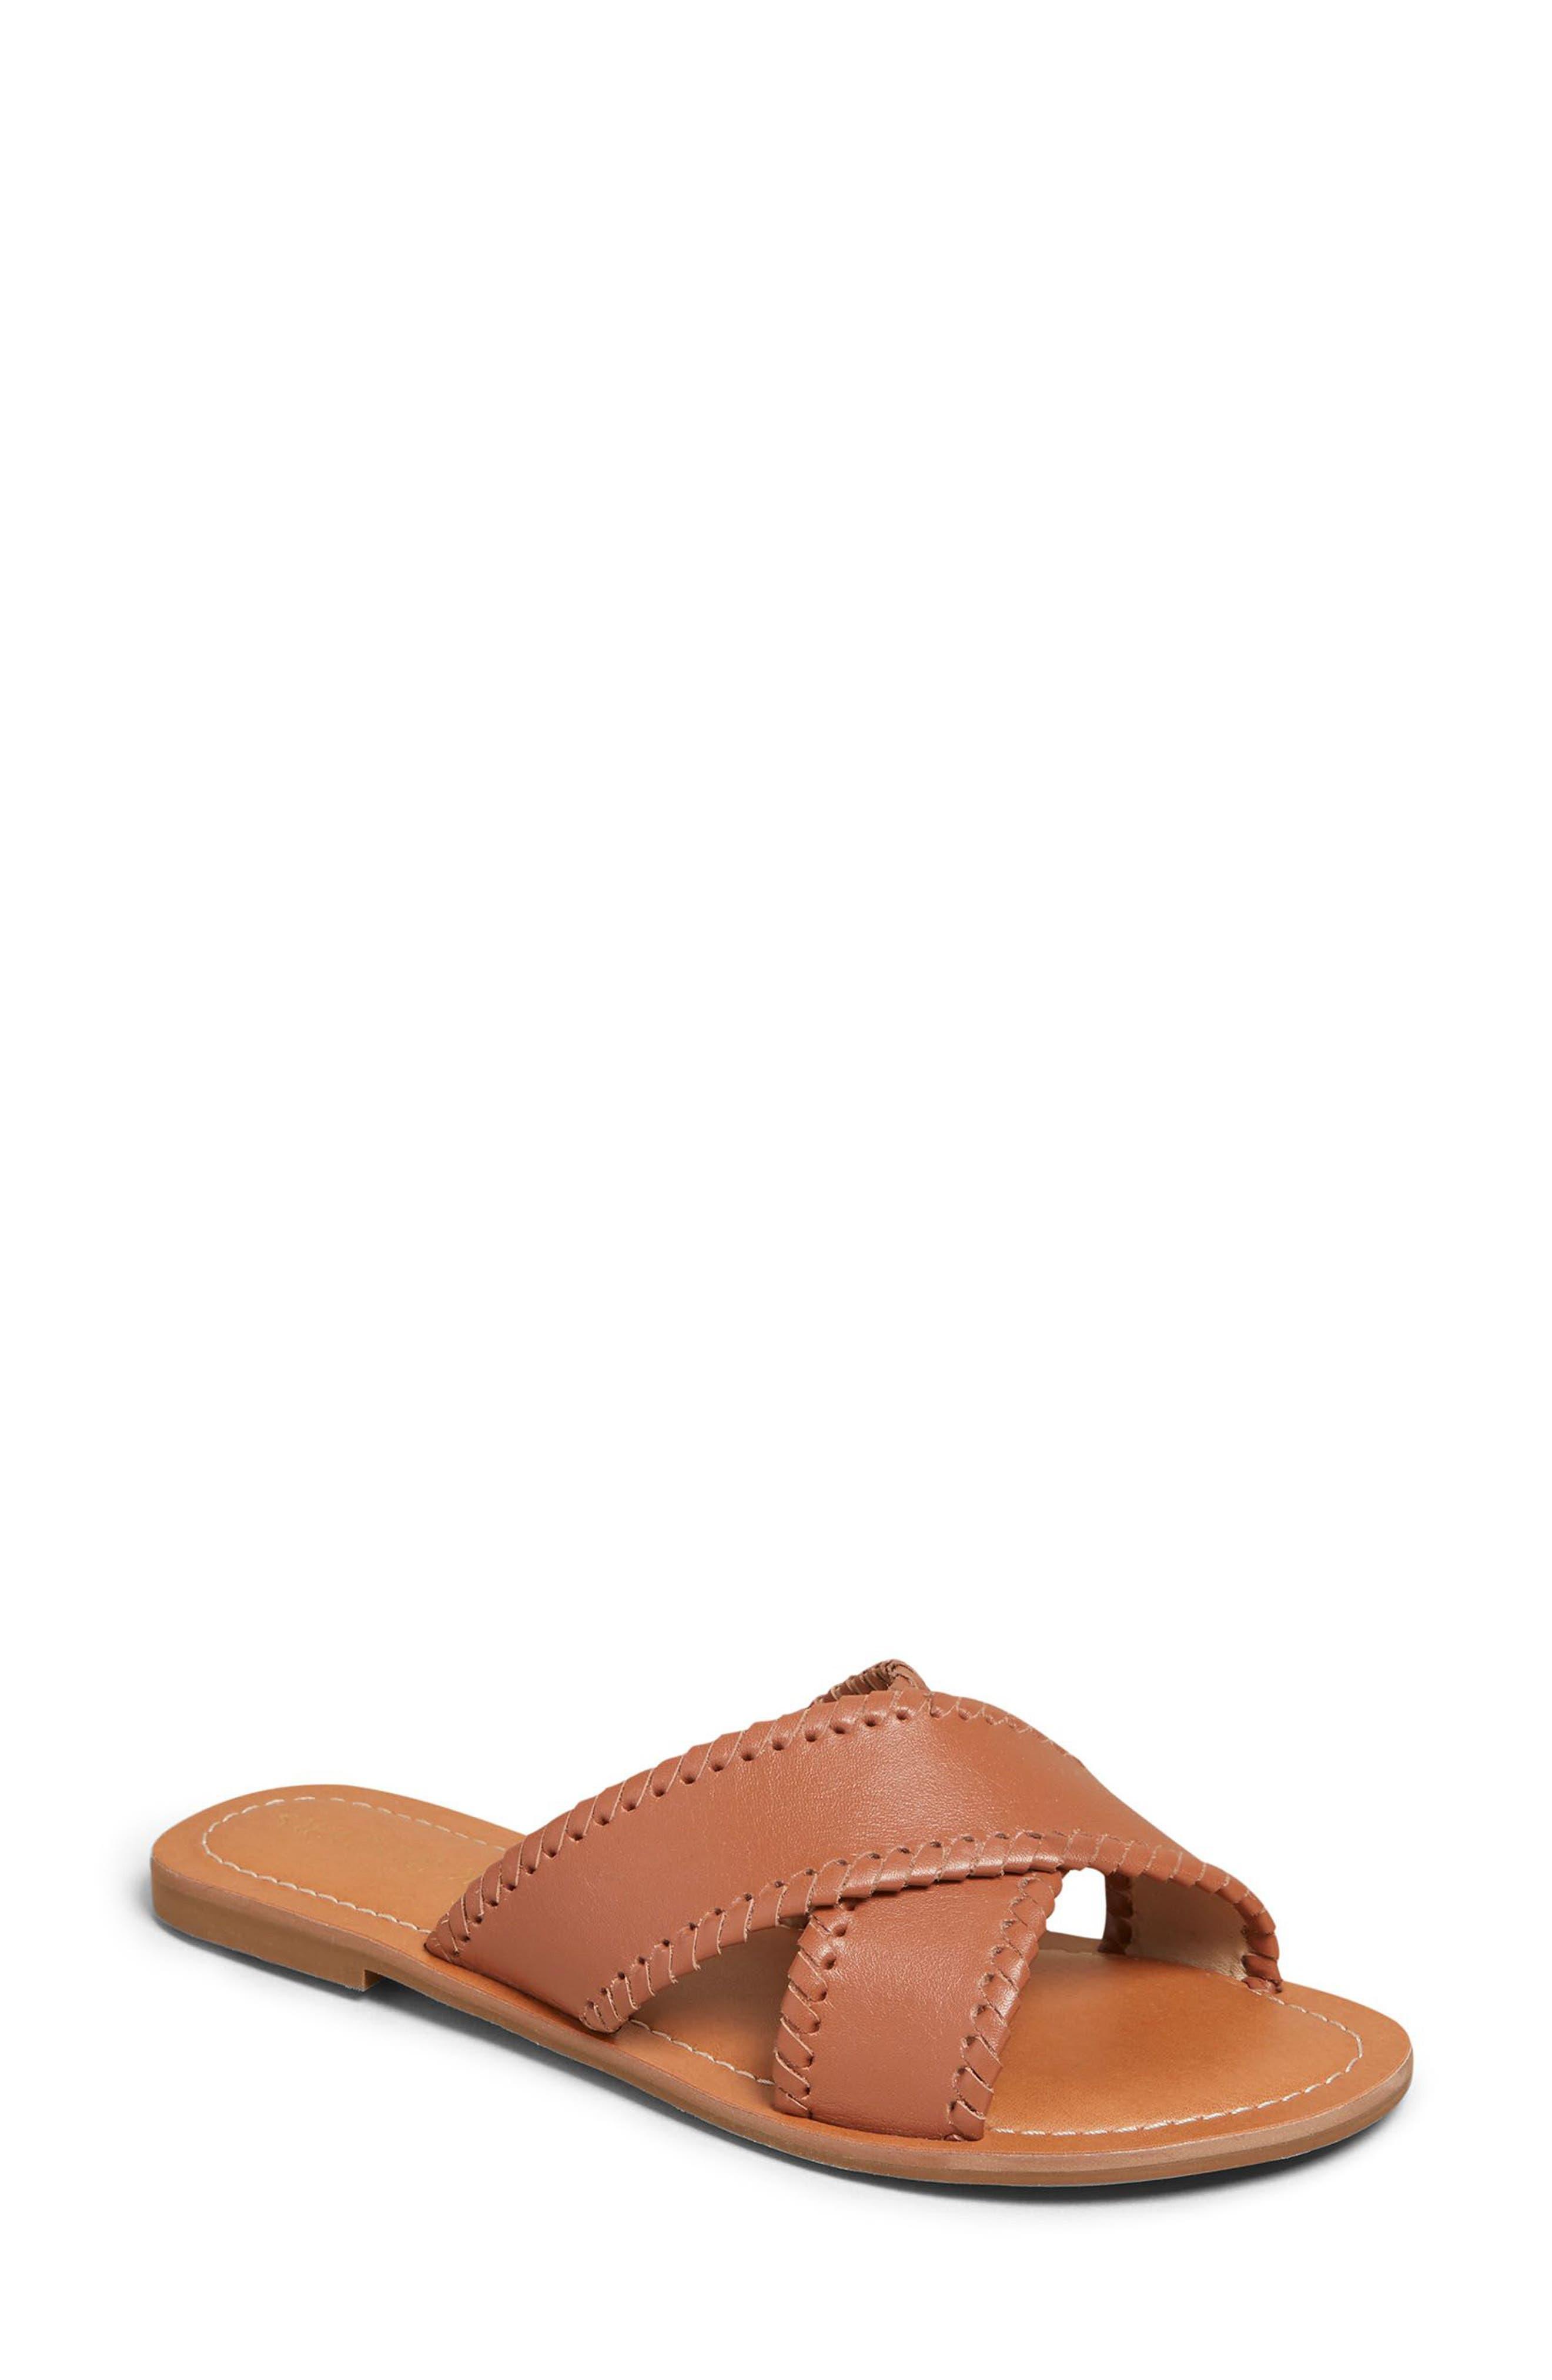 Women's Jack Rogers Shoes Sale